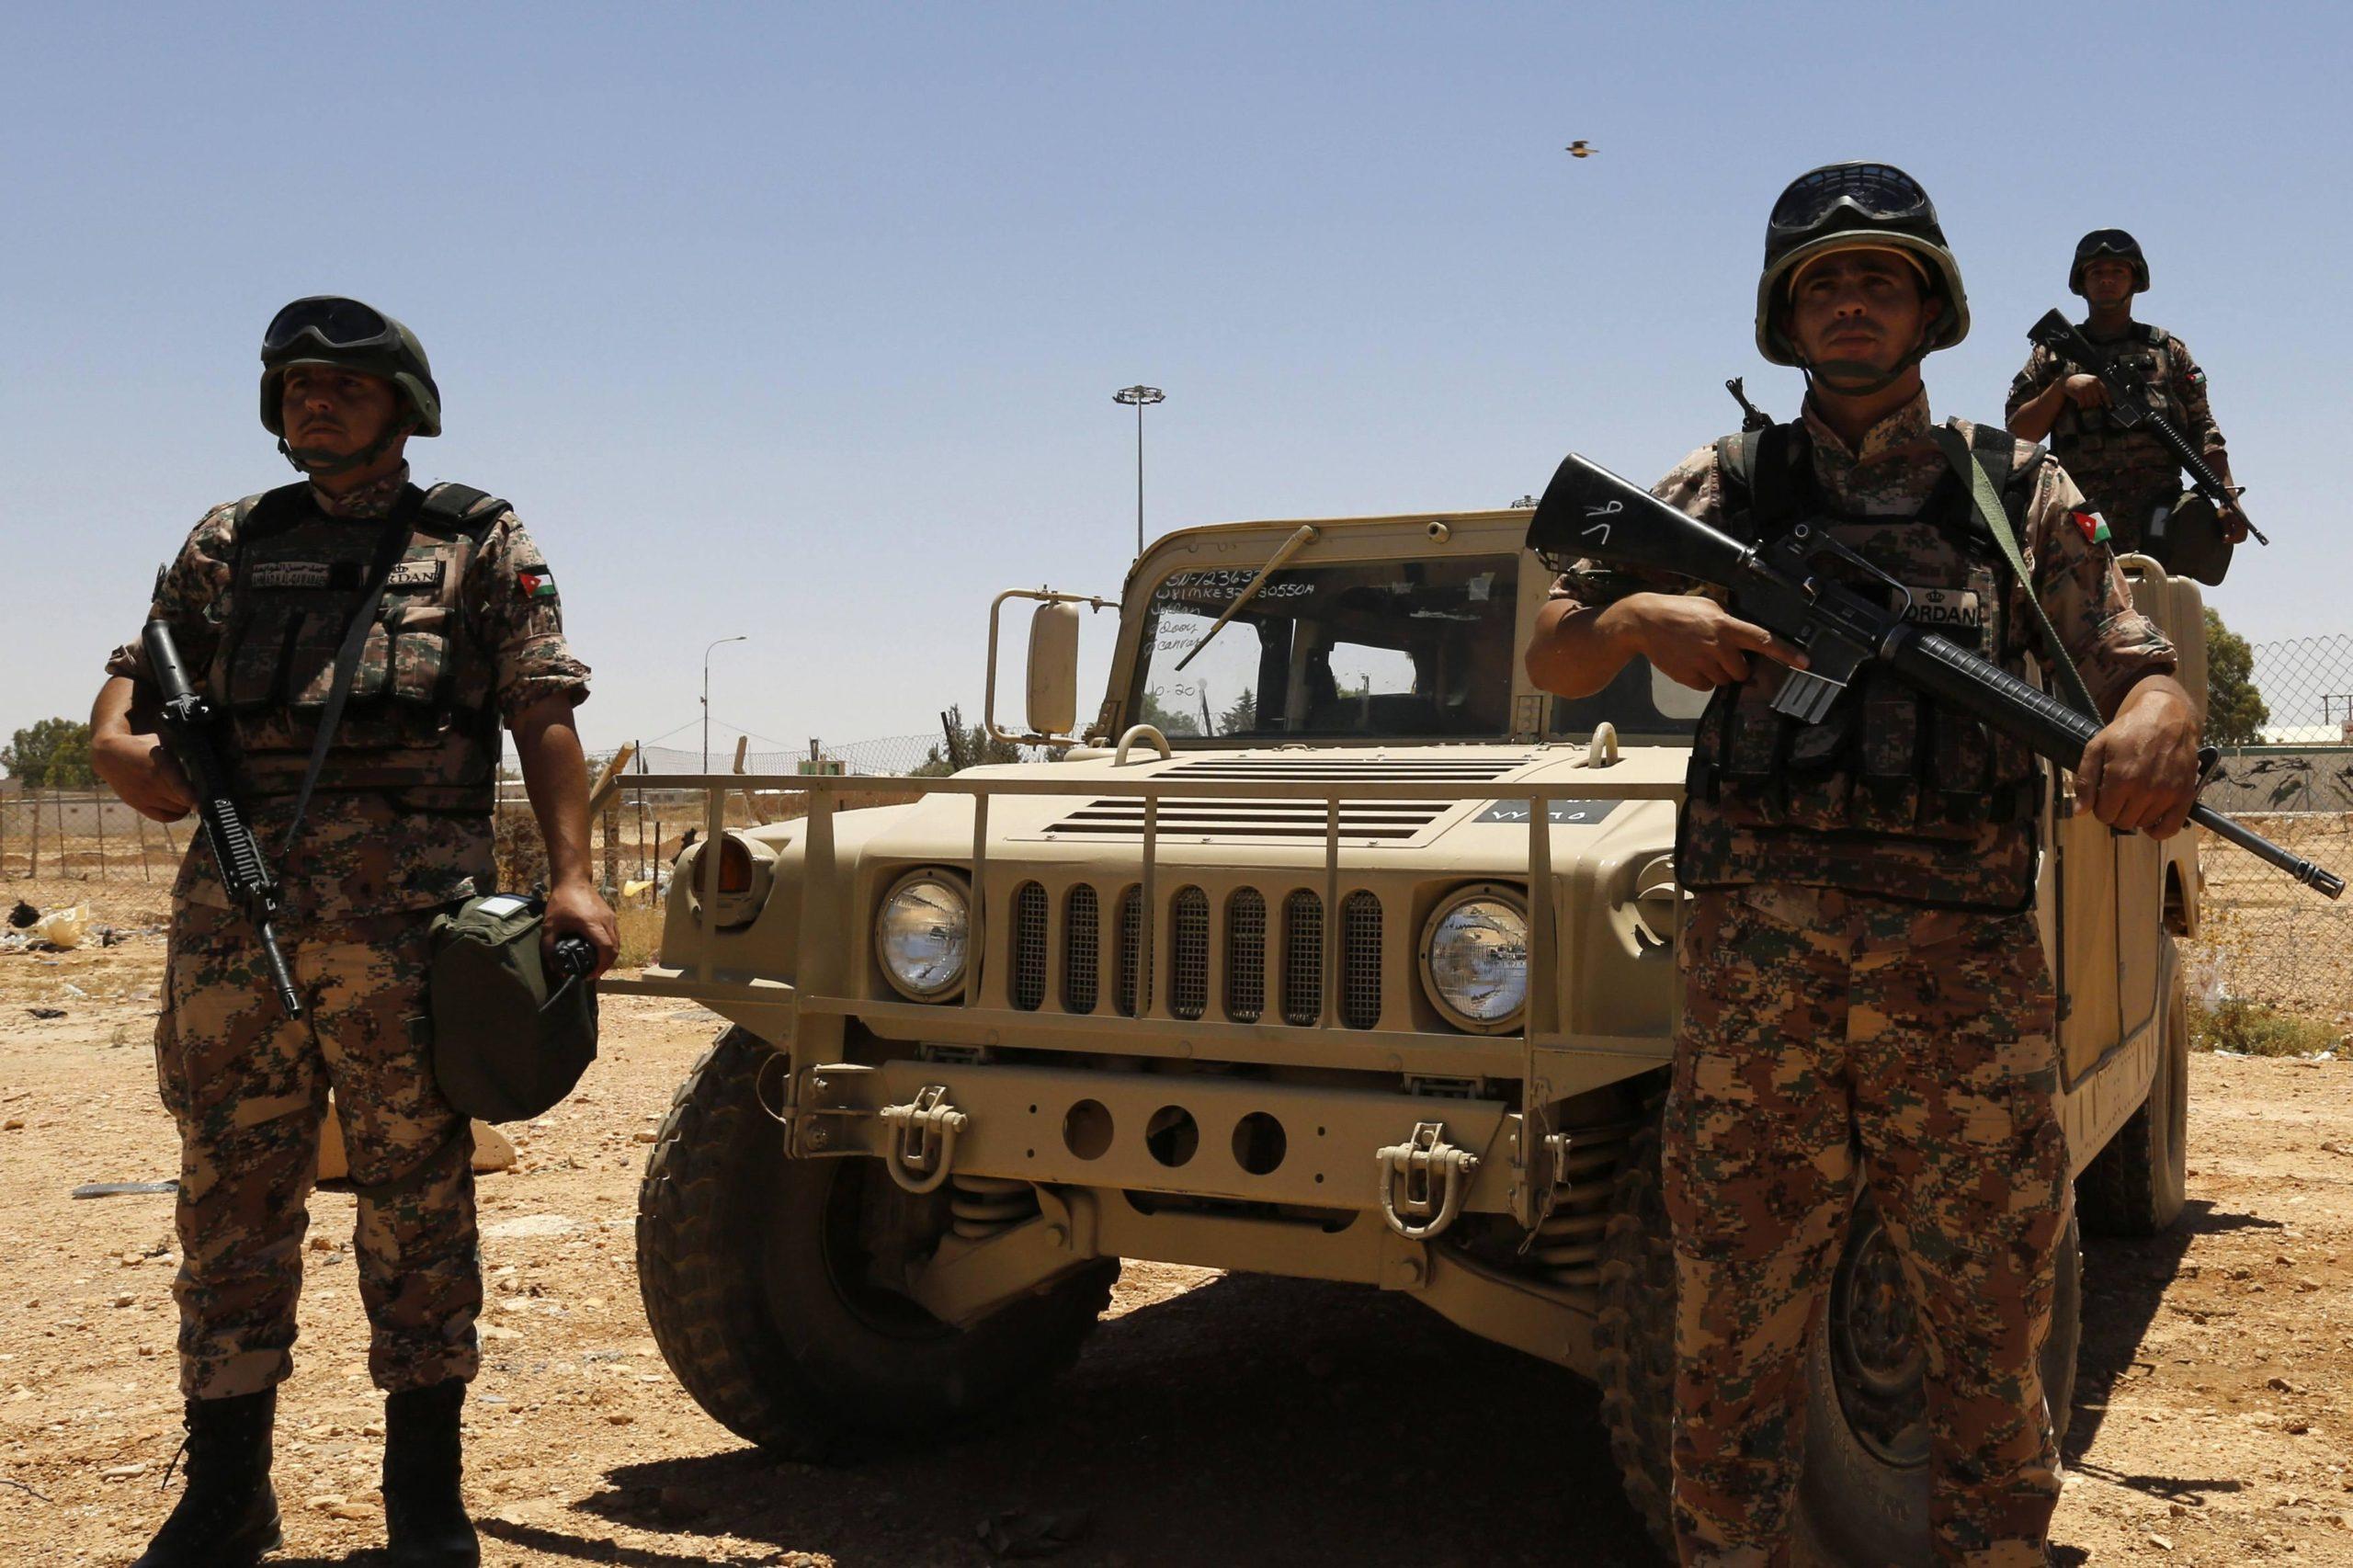 المنطقة العسكرية الشرقيه تحبط محاولة تهريب مخدرات